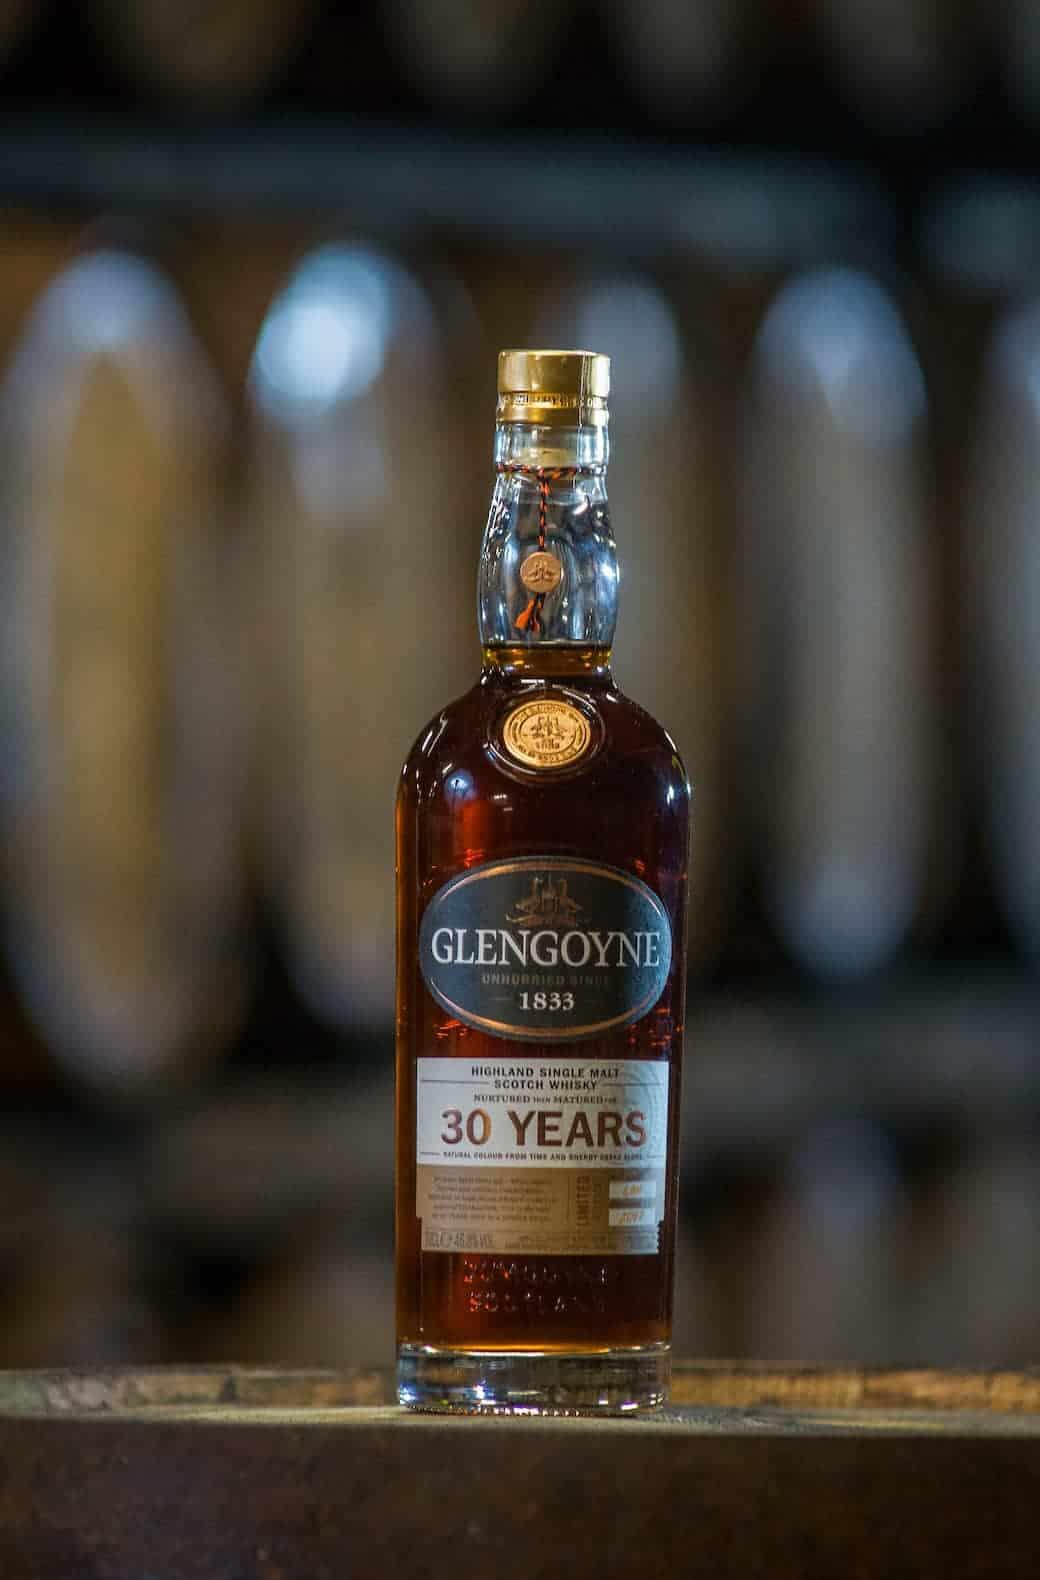 Glengoyne 30